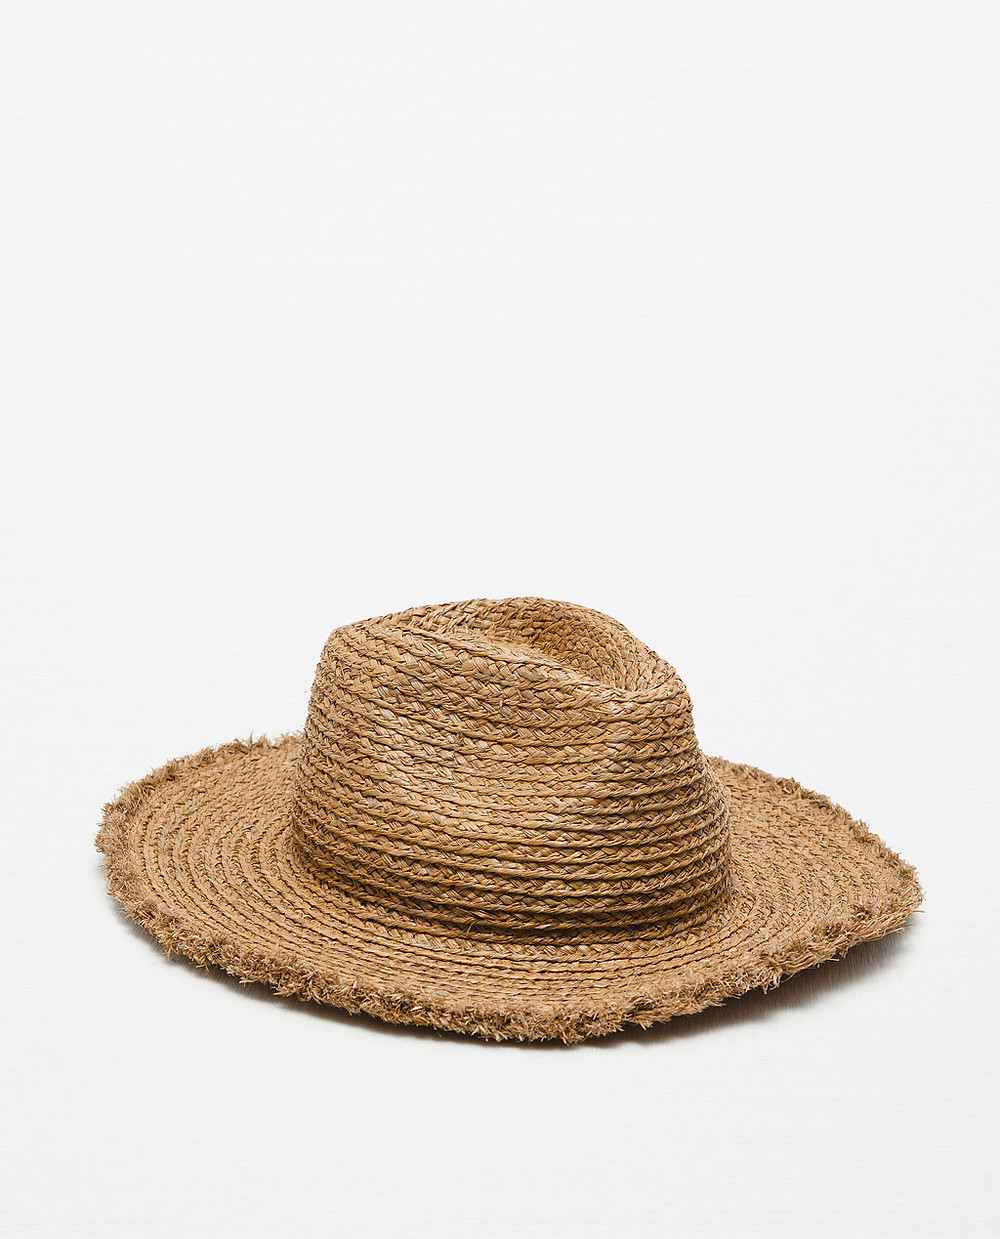 Zara Wide Brim Straw Hat $29.90